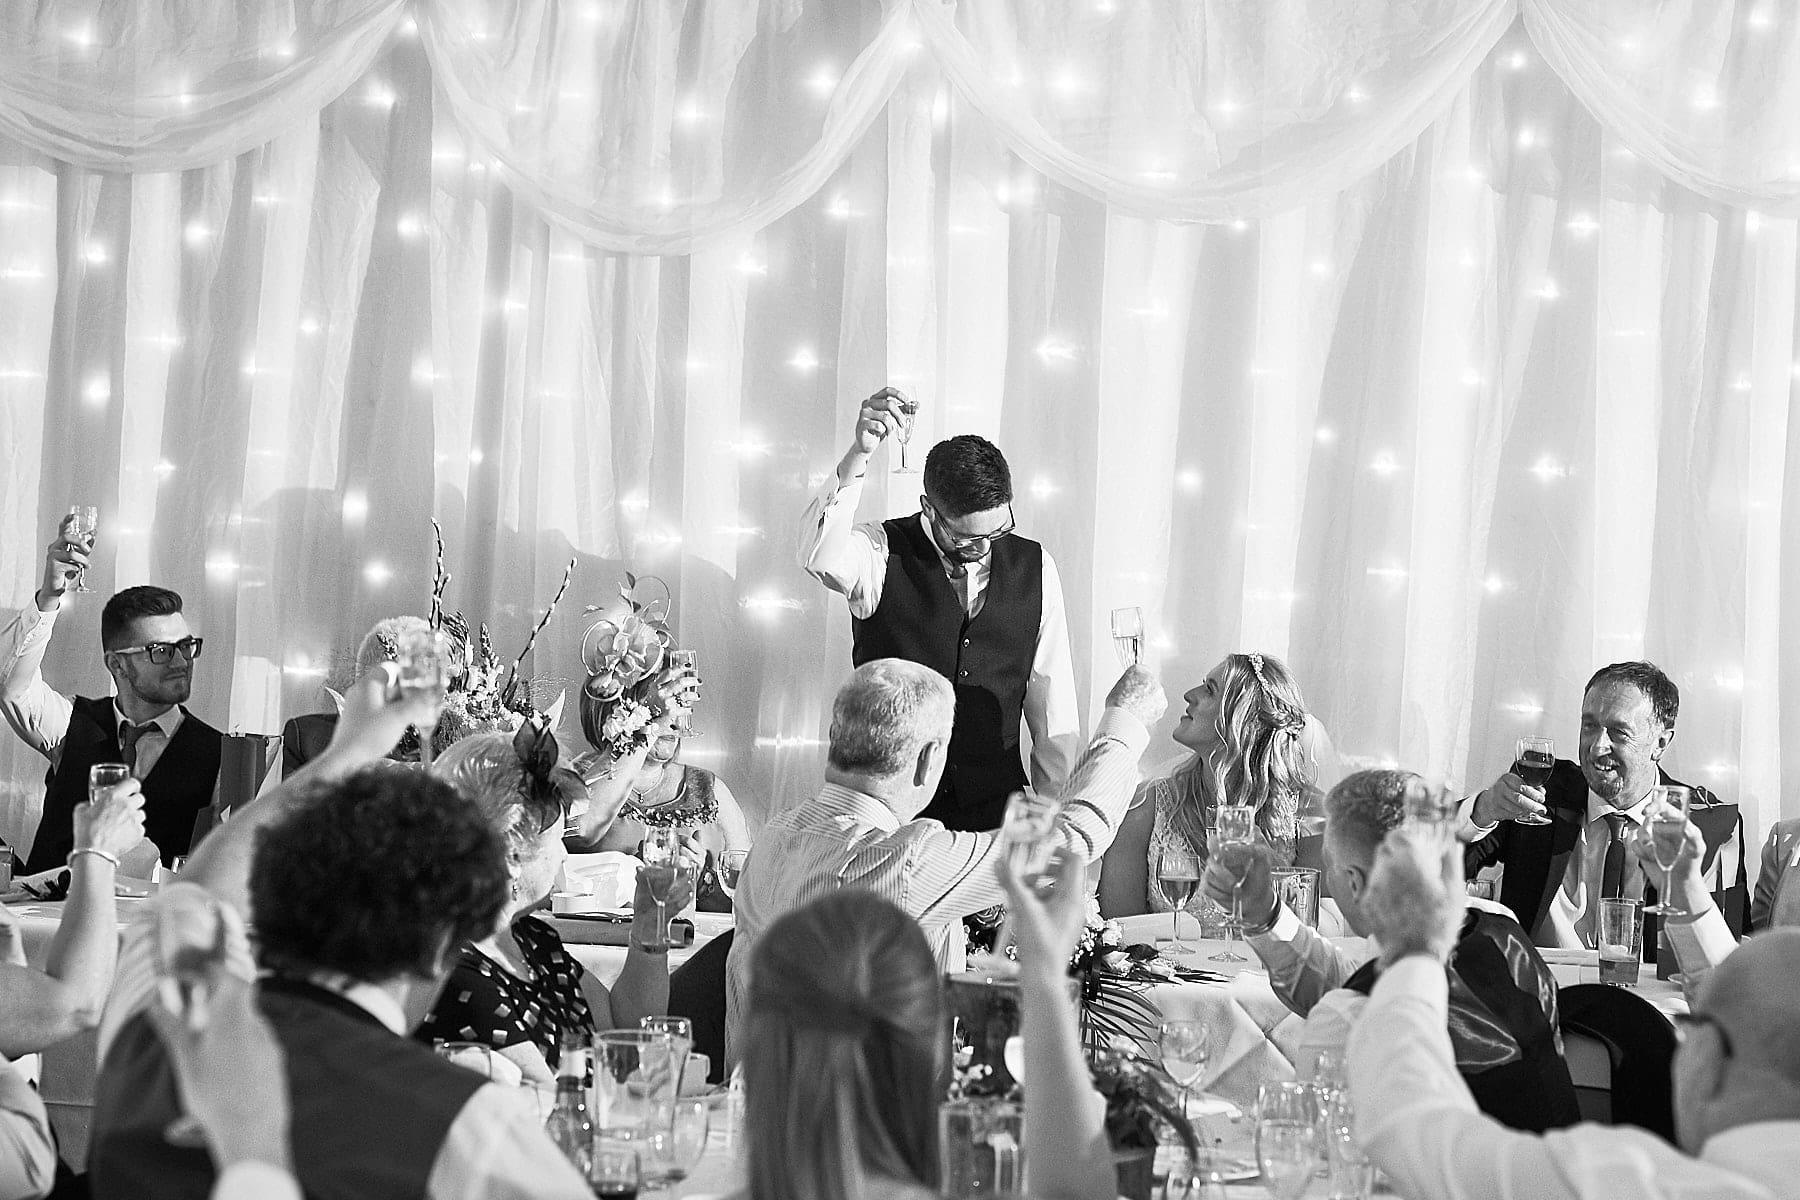 A groom raises a toast on his wedding day